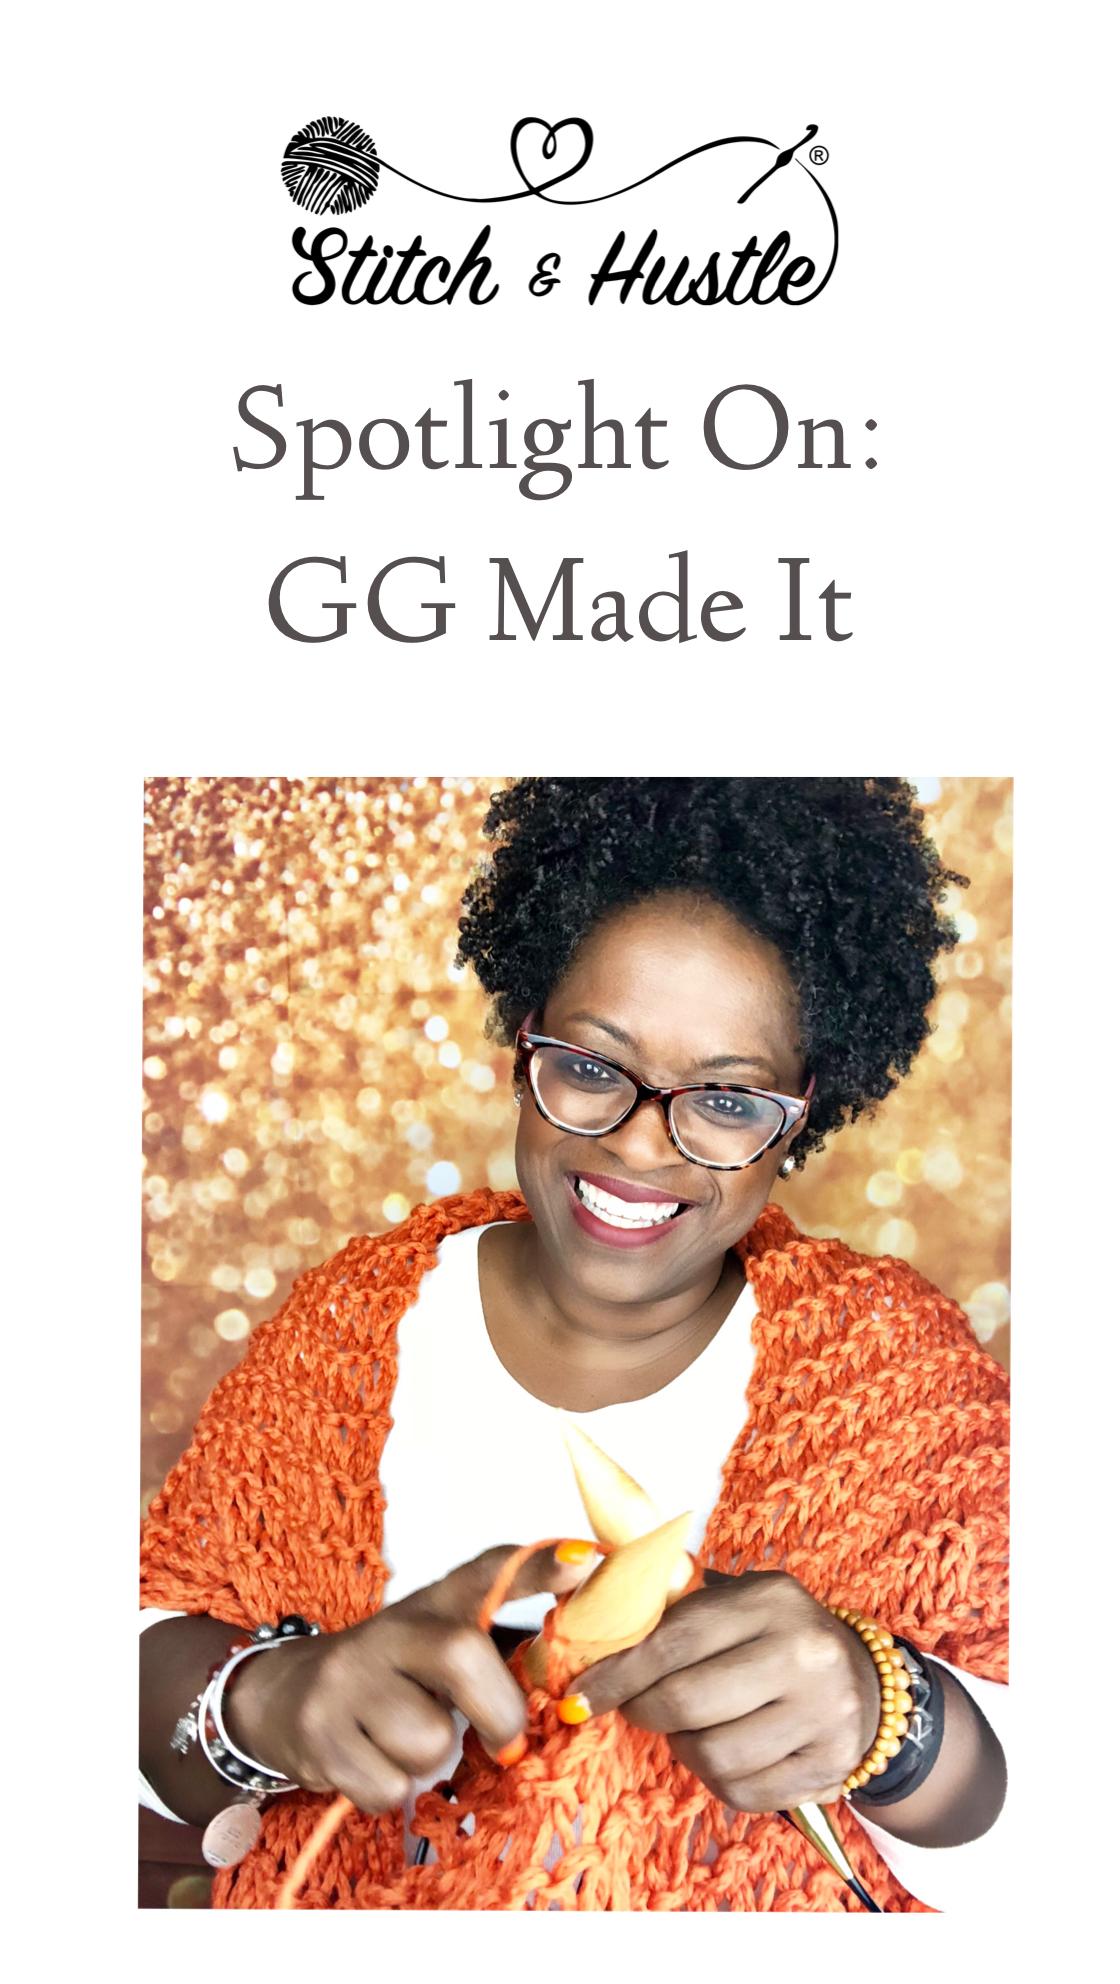 Spotlight_On_GGMadeIt_1.jpg